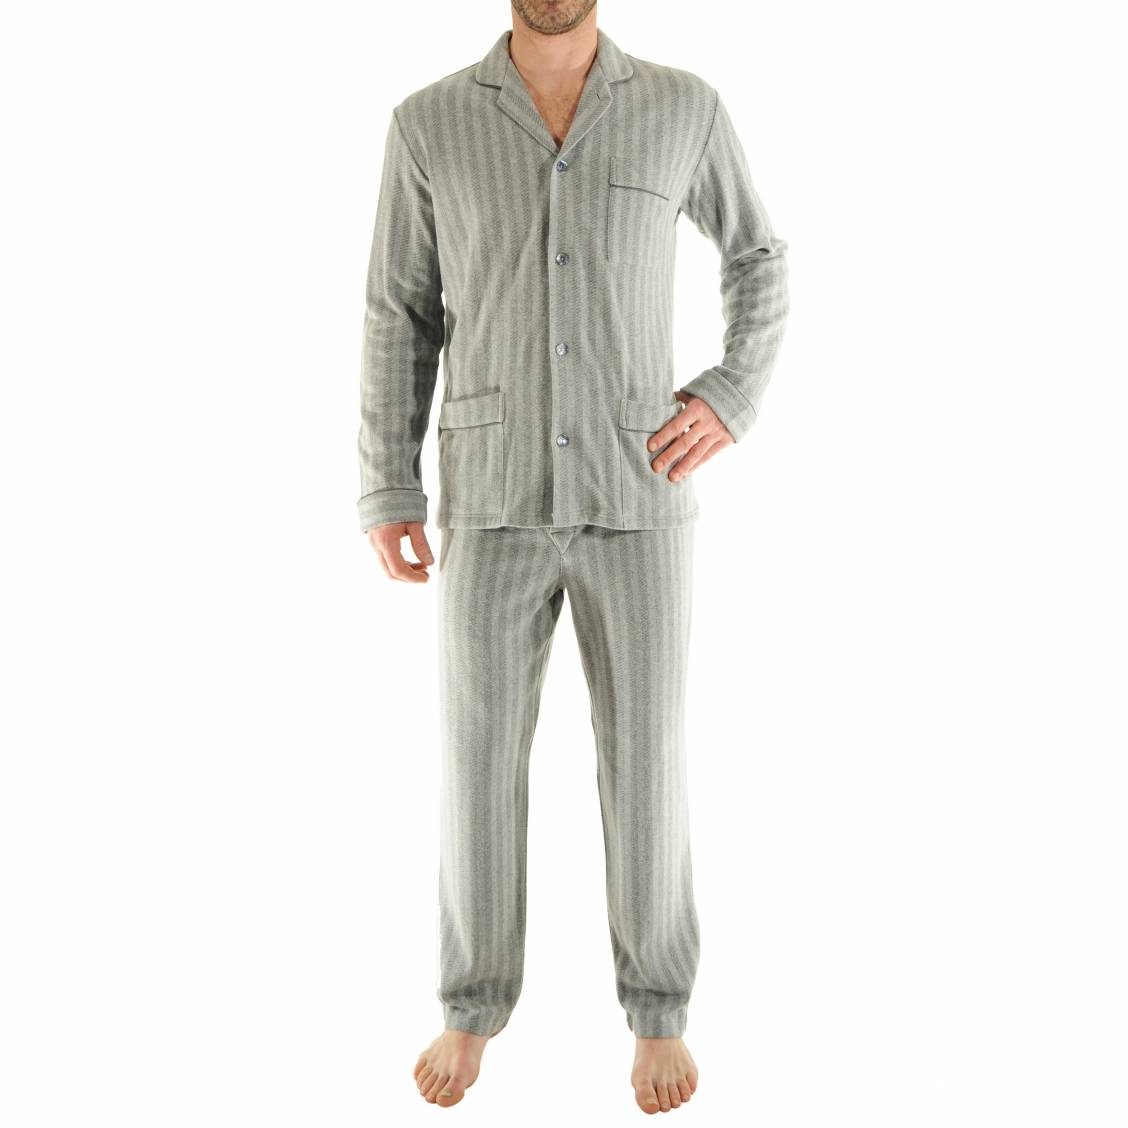 Pyjama chaud pilus veste boutonn e et pantalon gris for Pyjama homme chaud